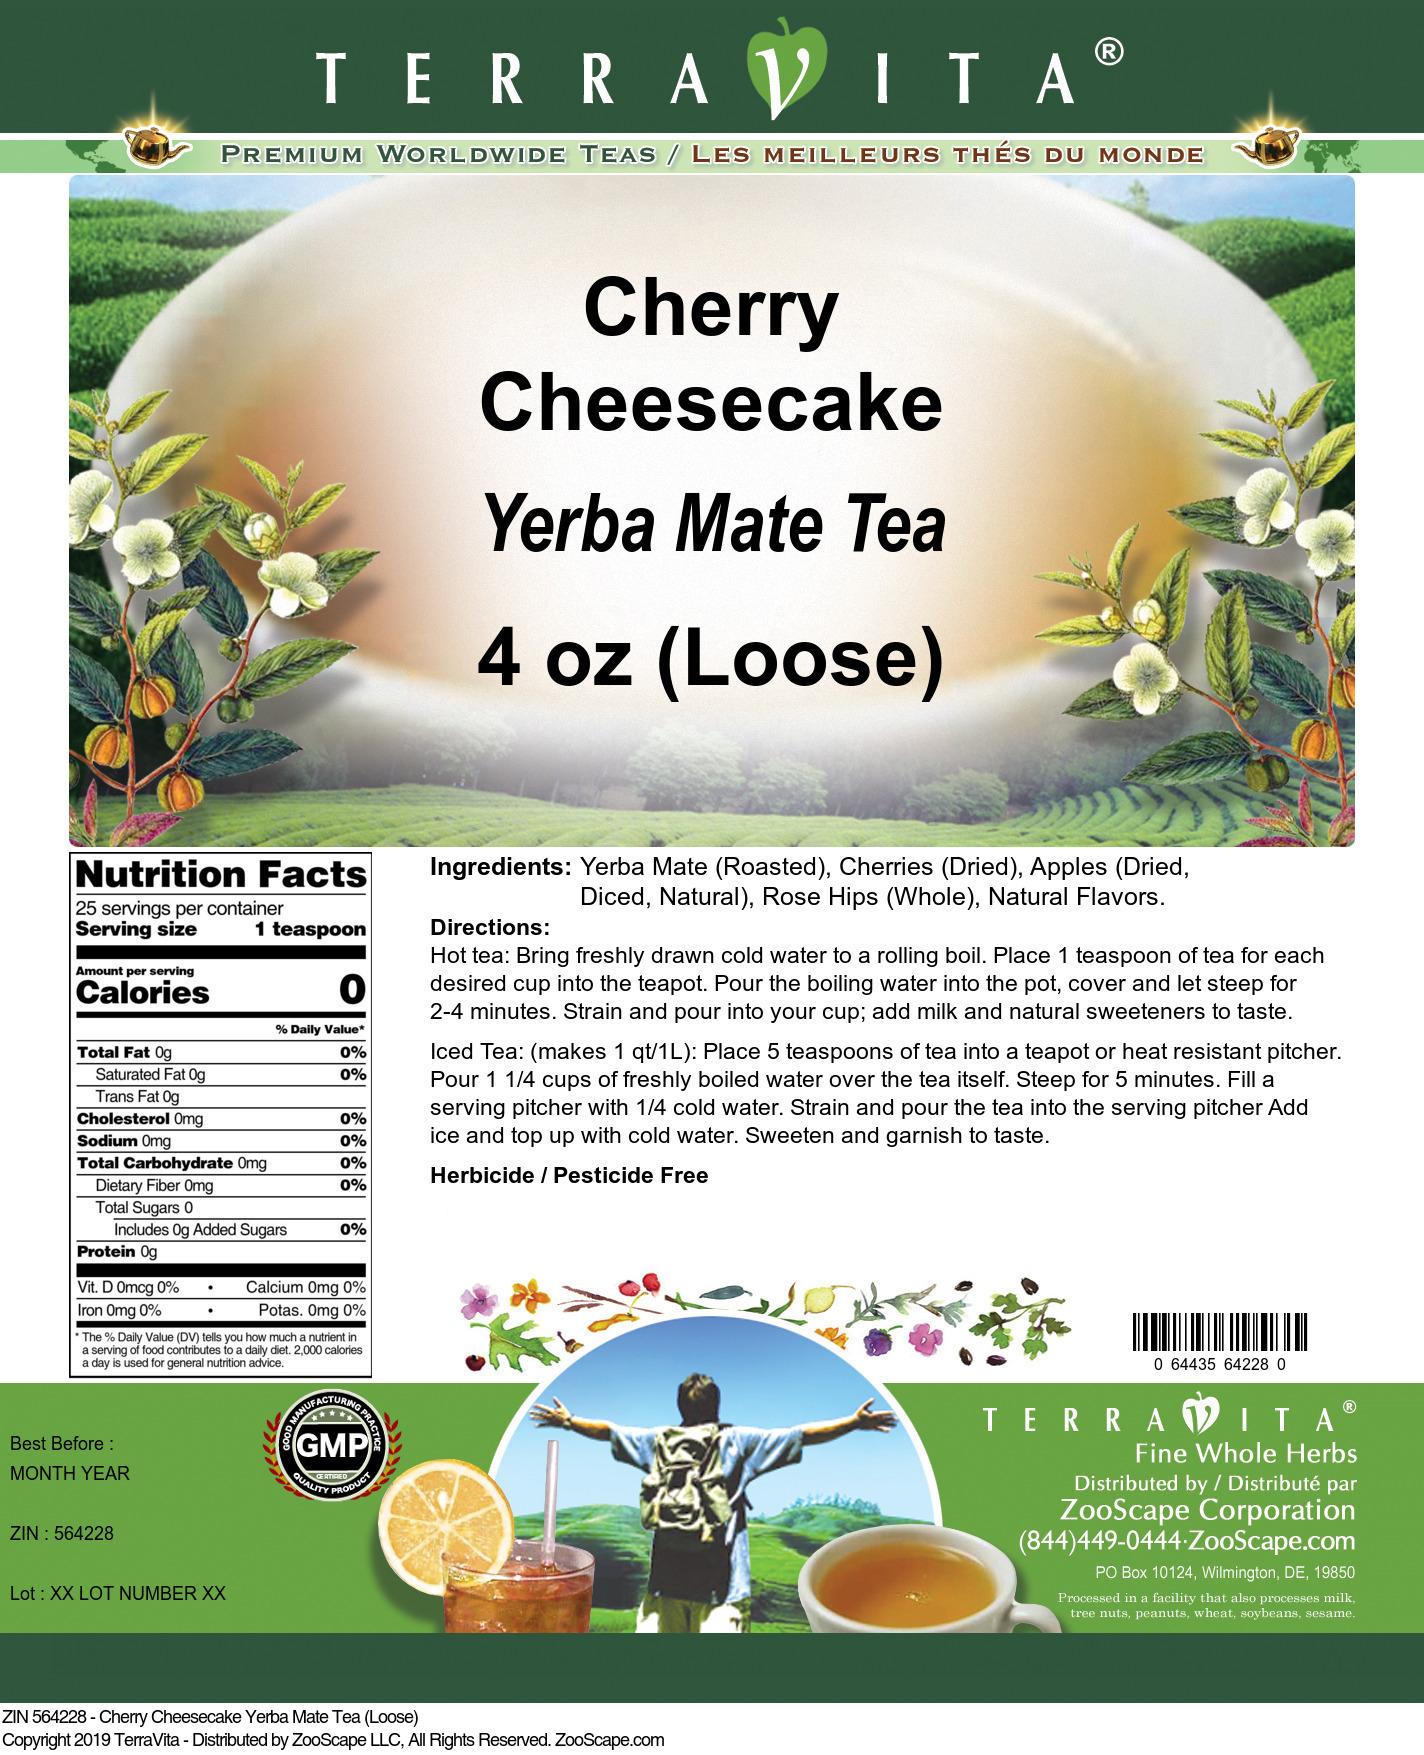 Cherry Cheesecake Yerba Mate Tea (Loose)